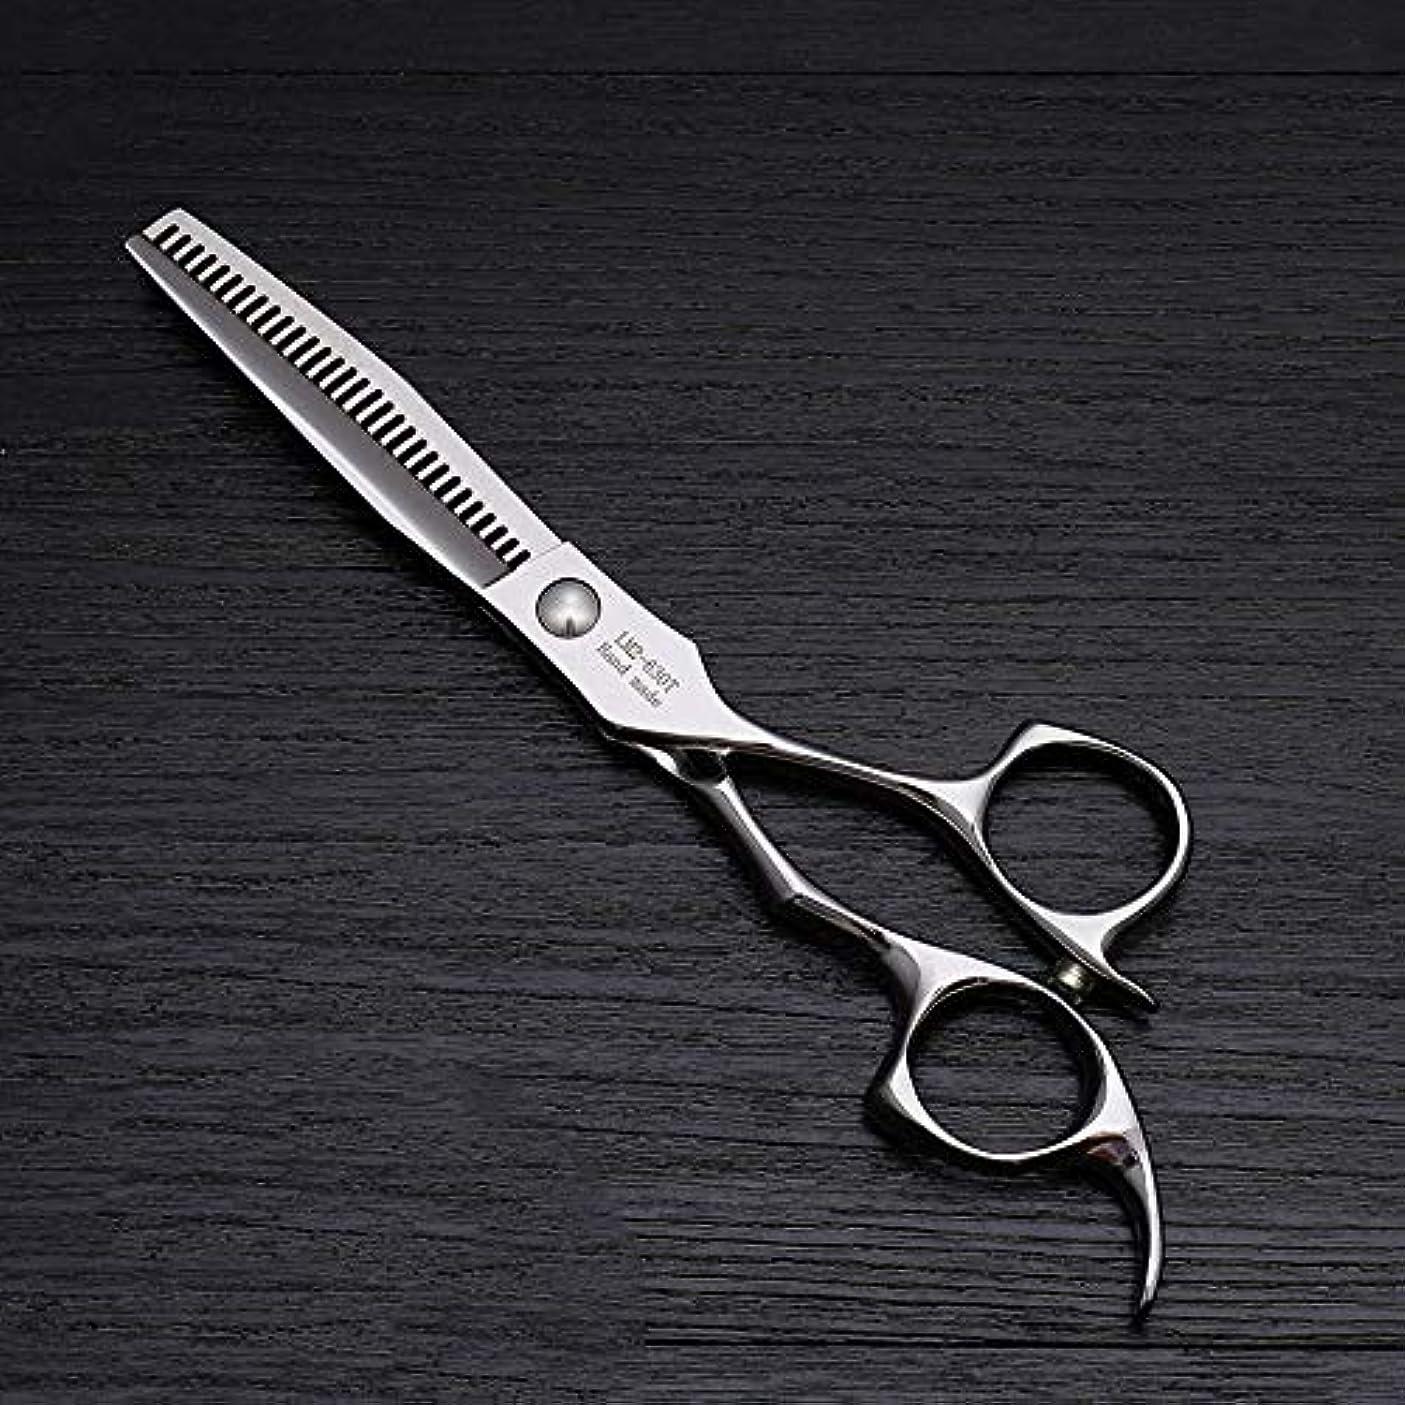 男らしい卵拡散する6インチのステンレス鋼の理髪はさみ、美容院の毛の切断用具 ヘアケア (色 : Silver)